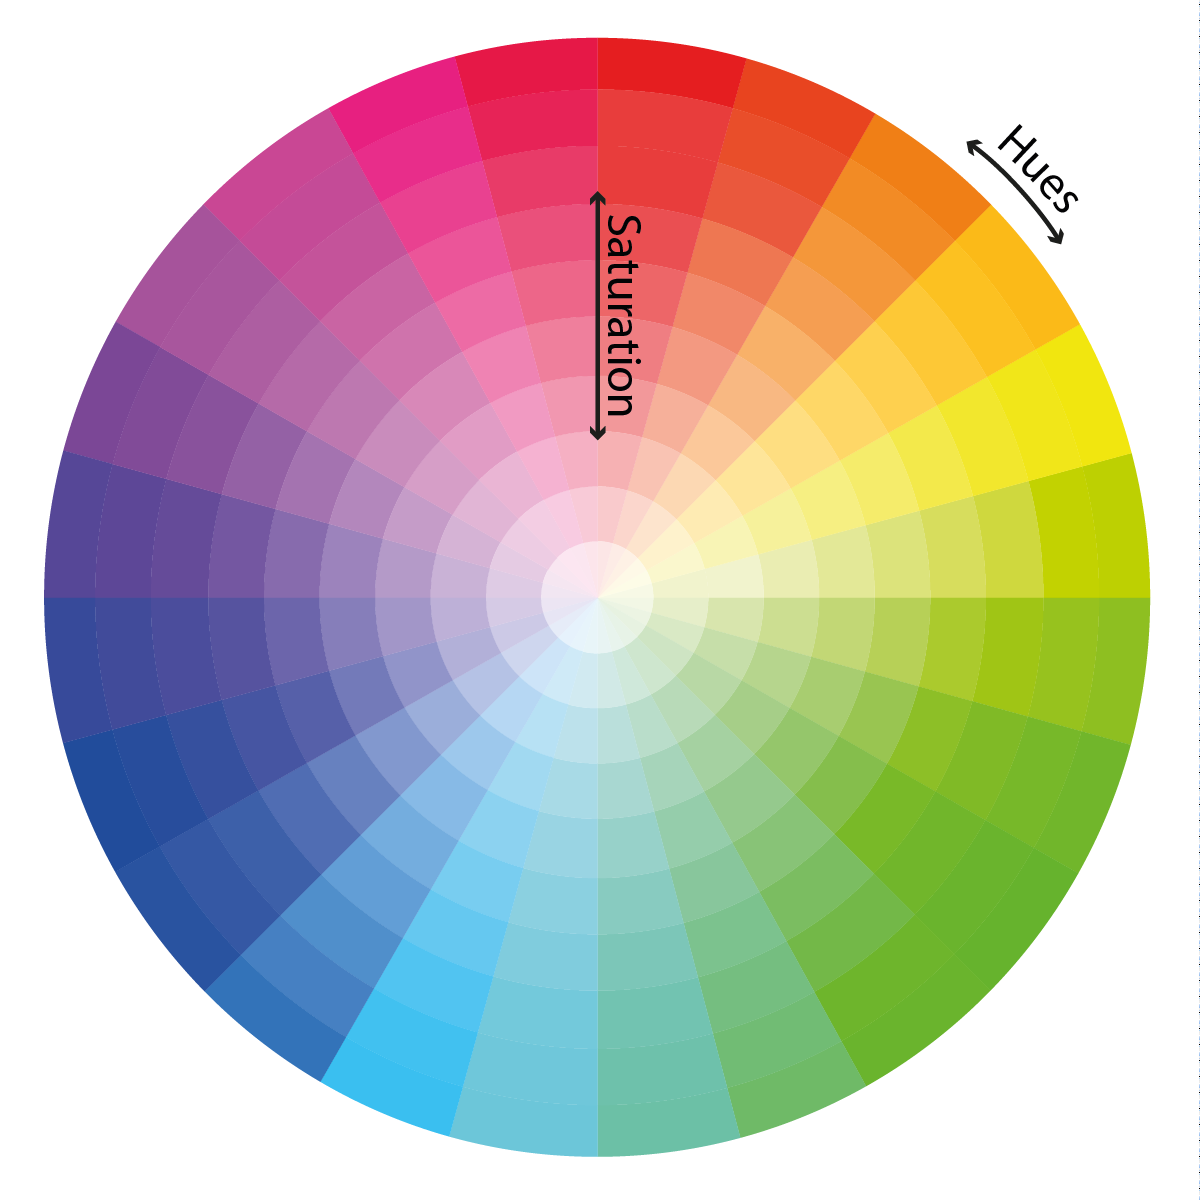 Vers l harmonie d une palette couleurs compl mentaires - Couleur complementaire du vert ...